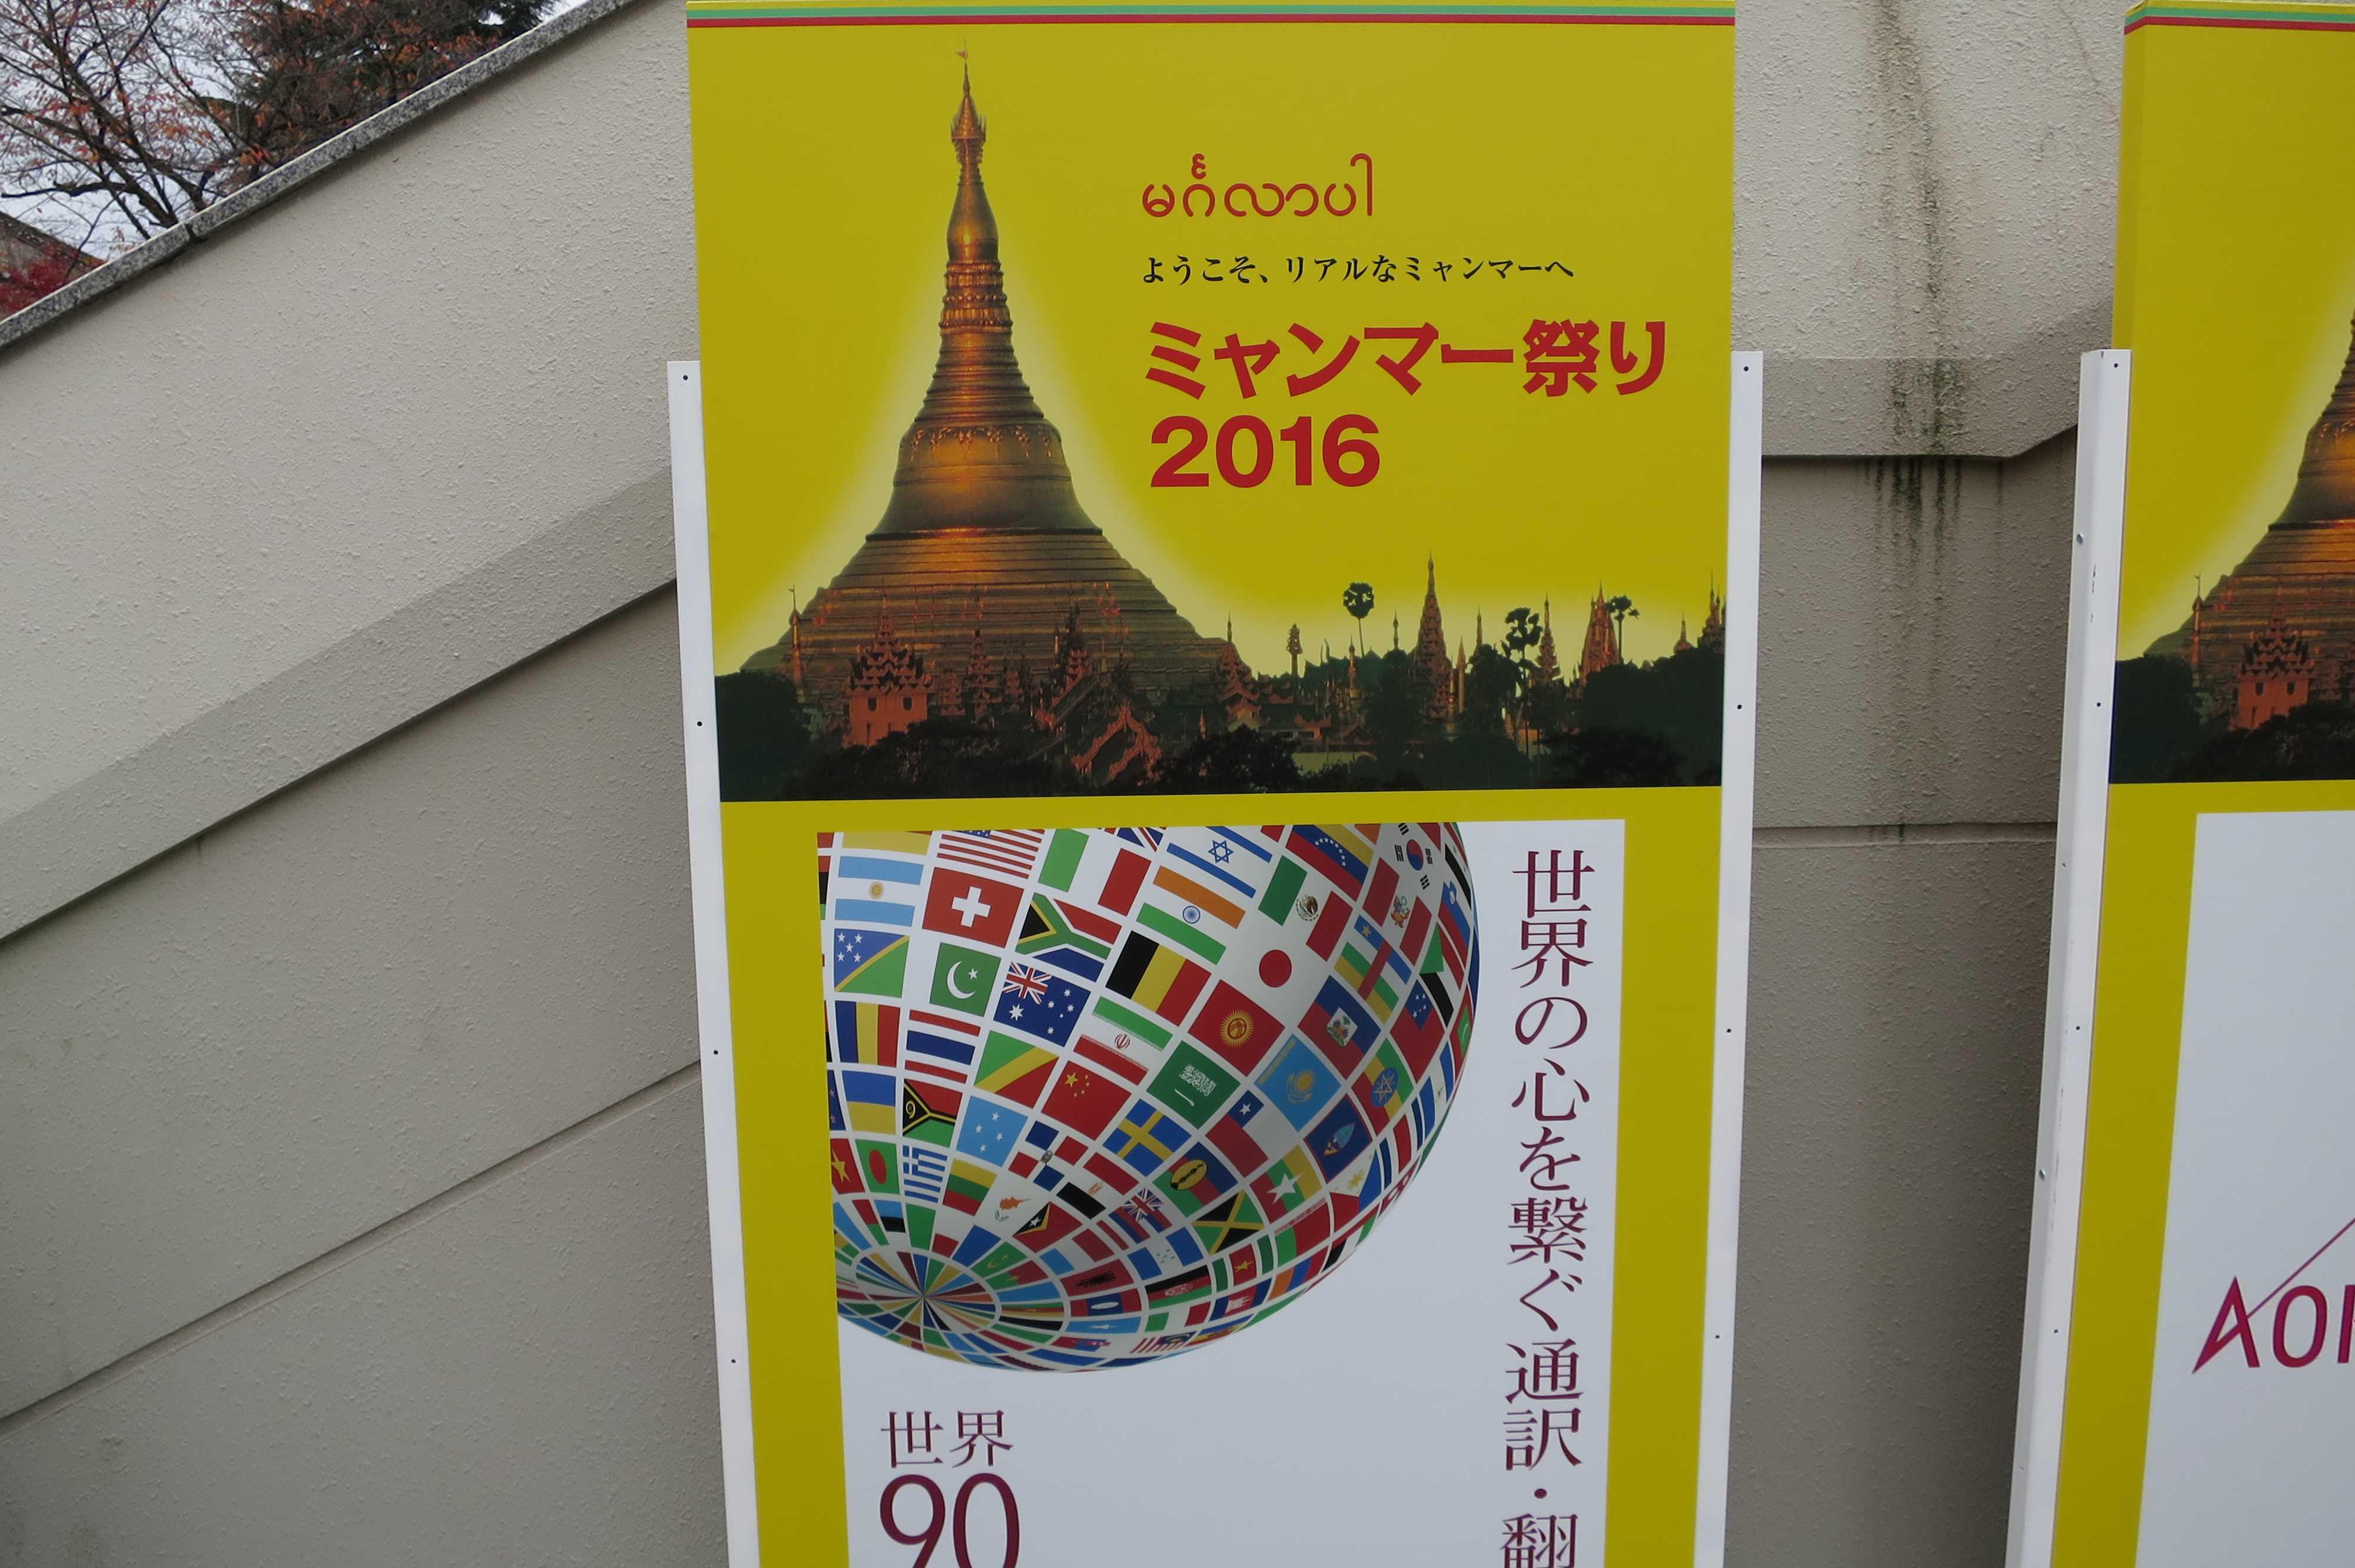 ミャンマー祭り2016の立て看板 - ミャンマー祭り2016